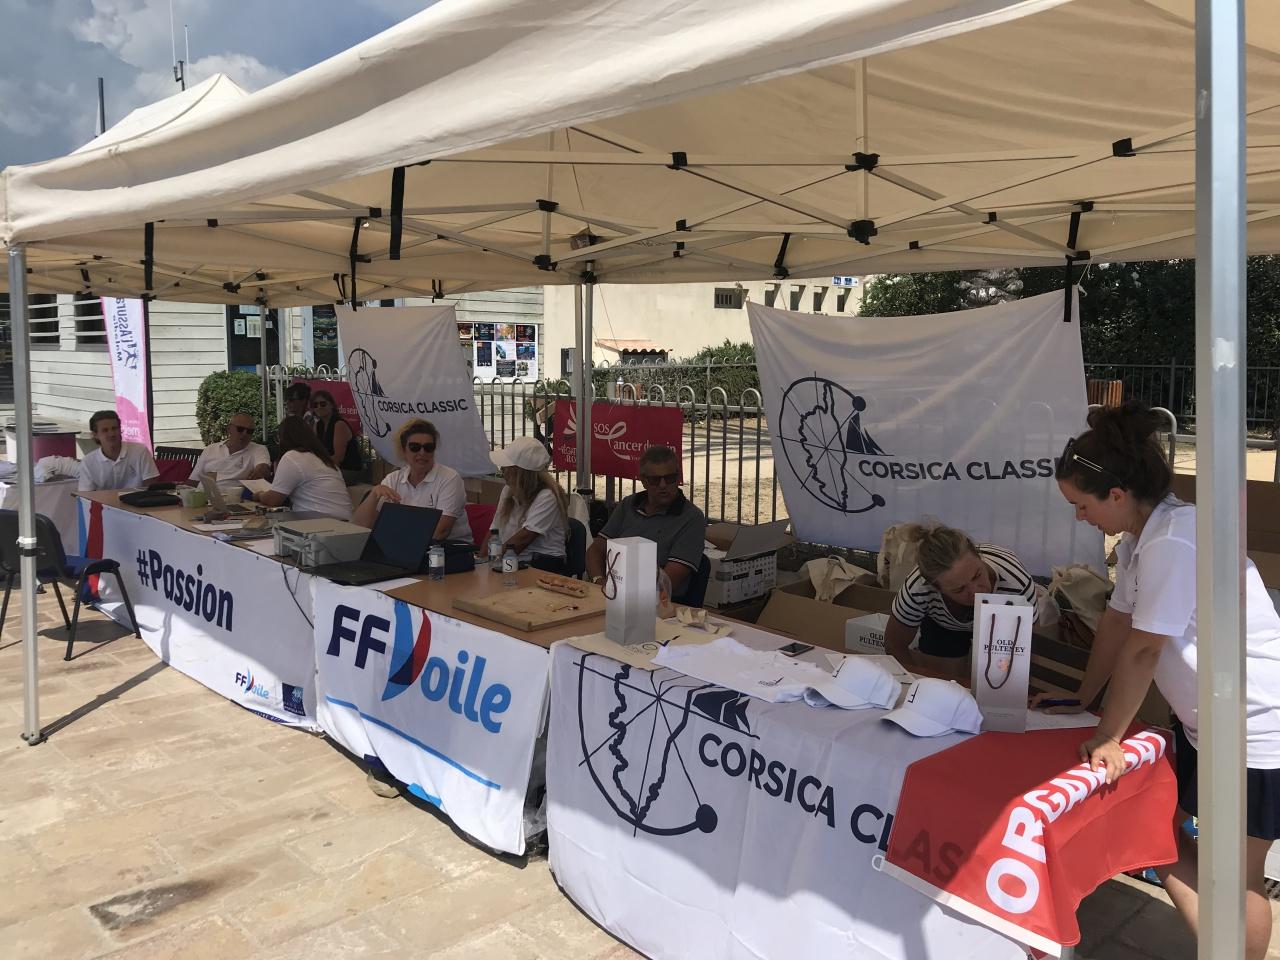 CC 2019 Accueil participants Bonifacio Photo Thibaud Assante DR